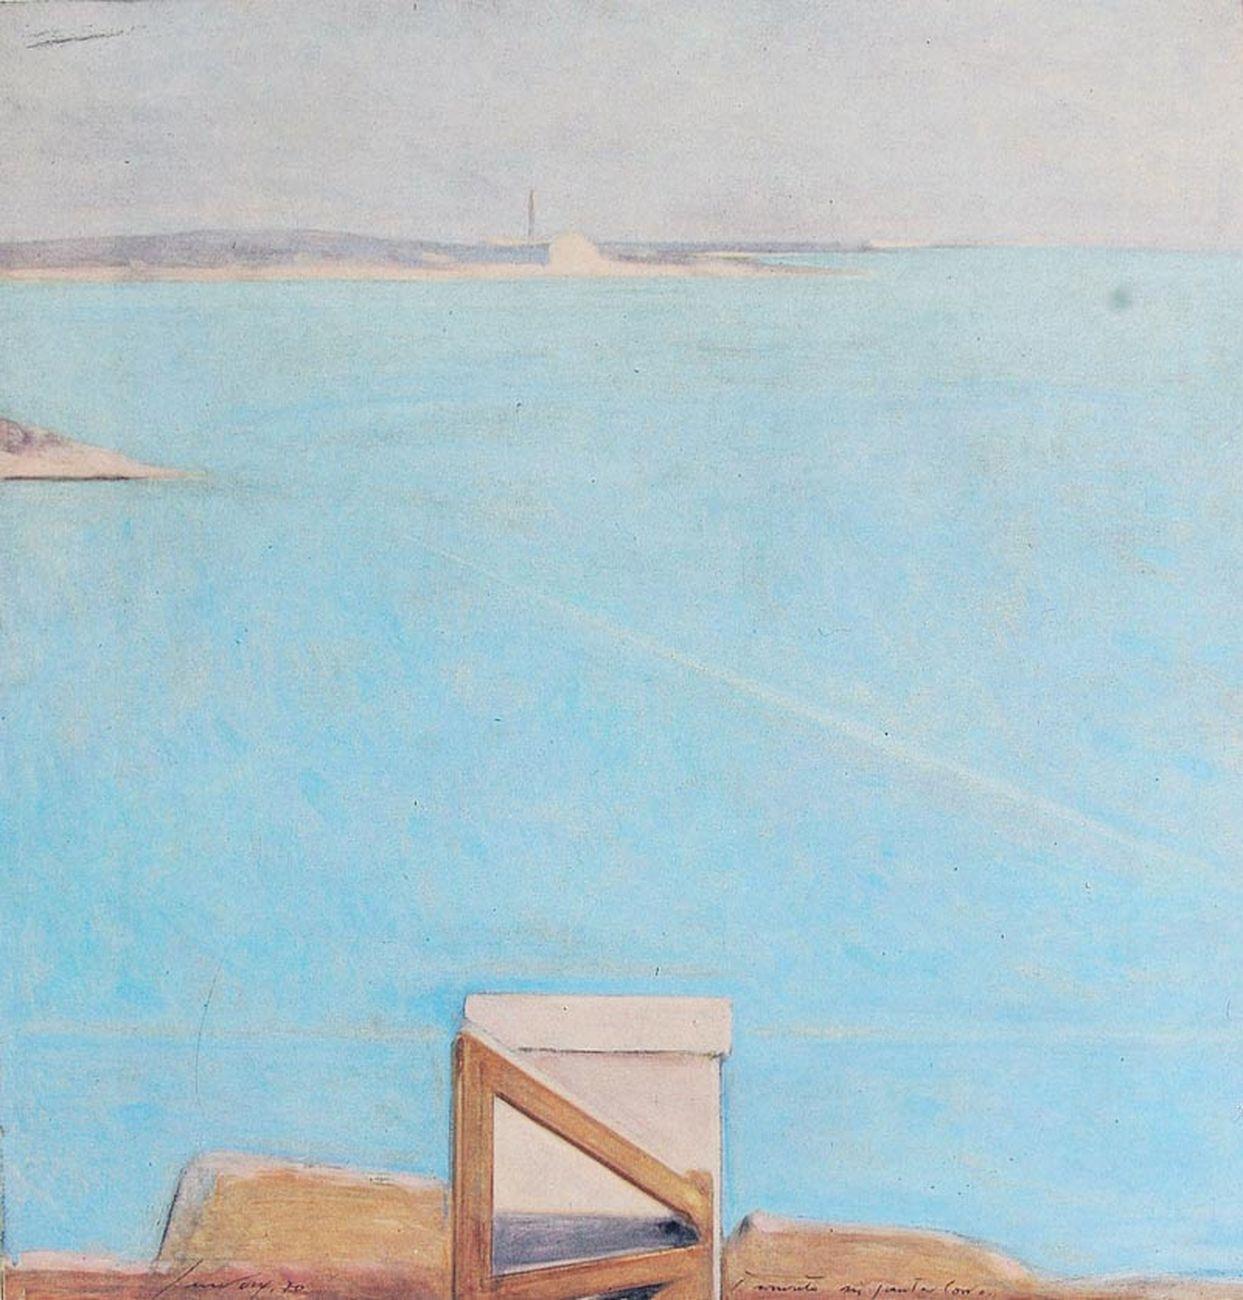 Piero Guccione, Tramonto a Punta Corvo, 1970, olio su tela